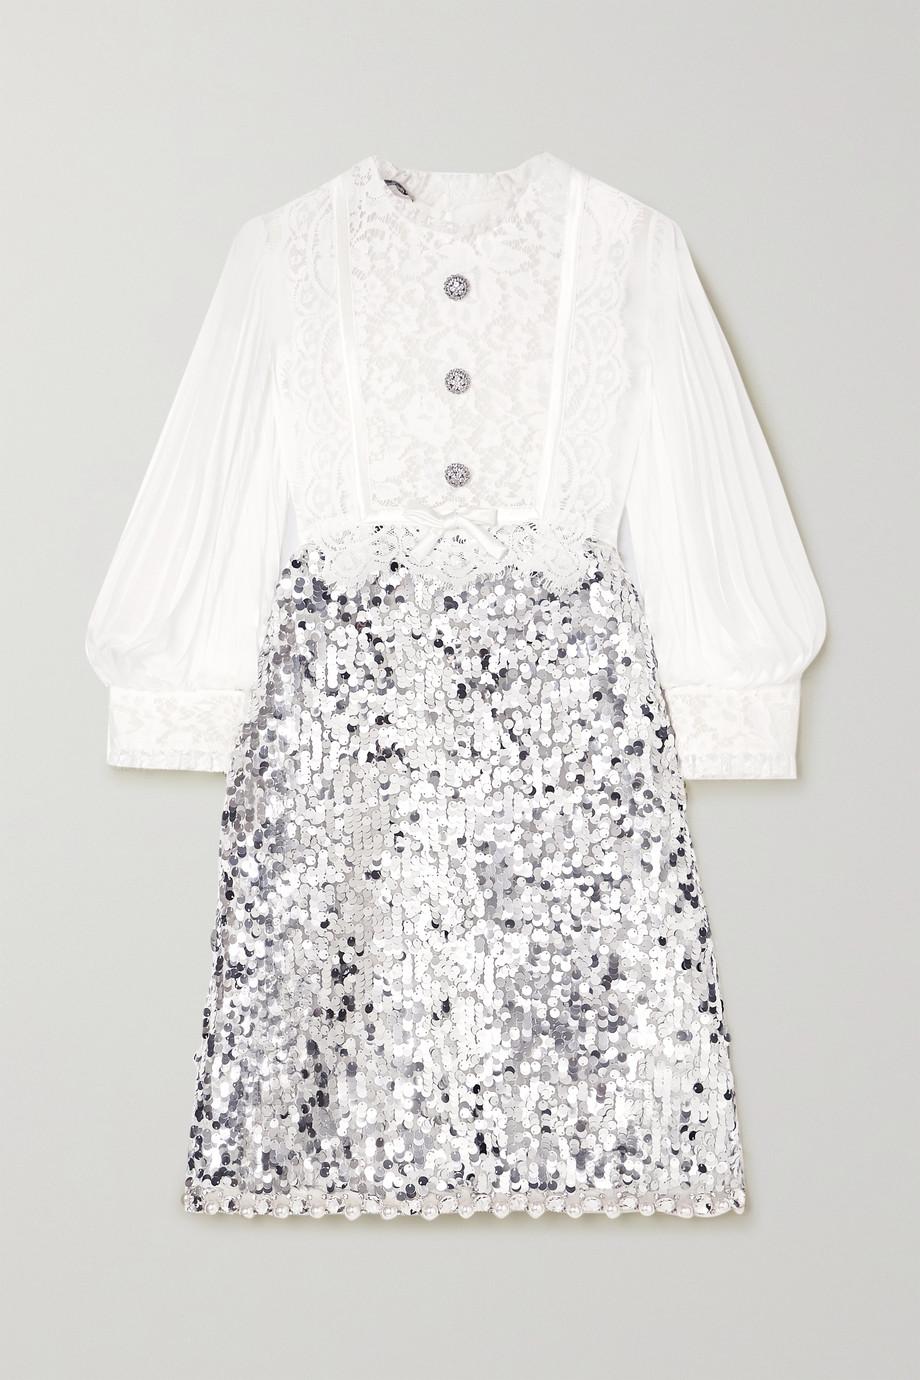 Miu Miu Minikleid aus Chiffon, Spitze und Tüll mit Verzierungen